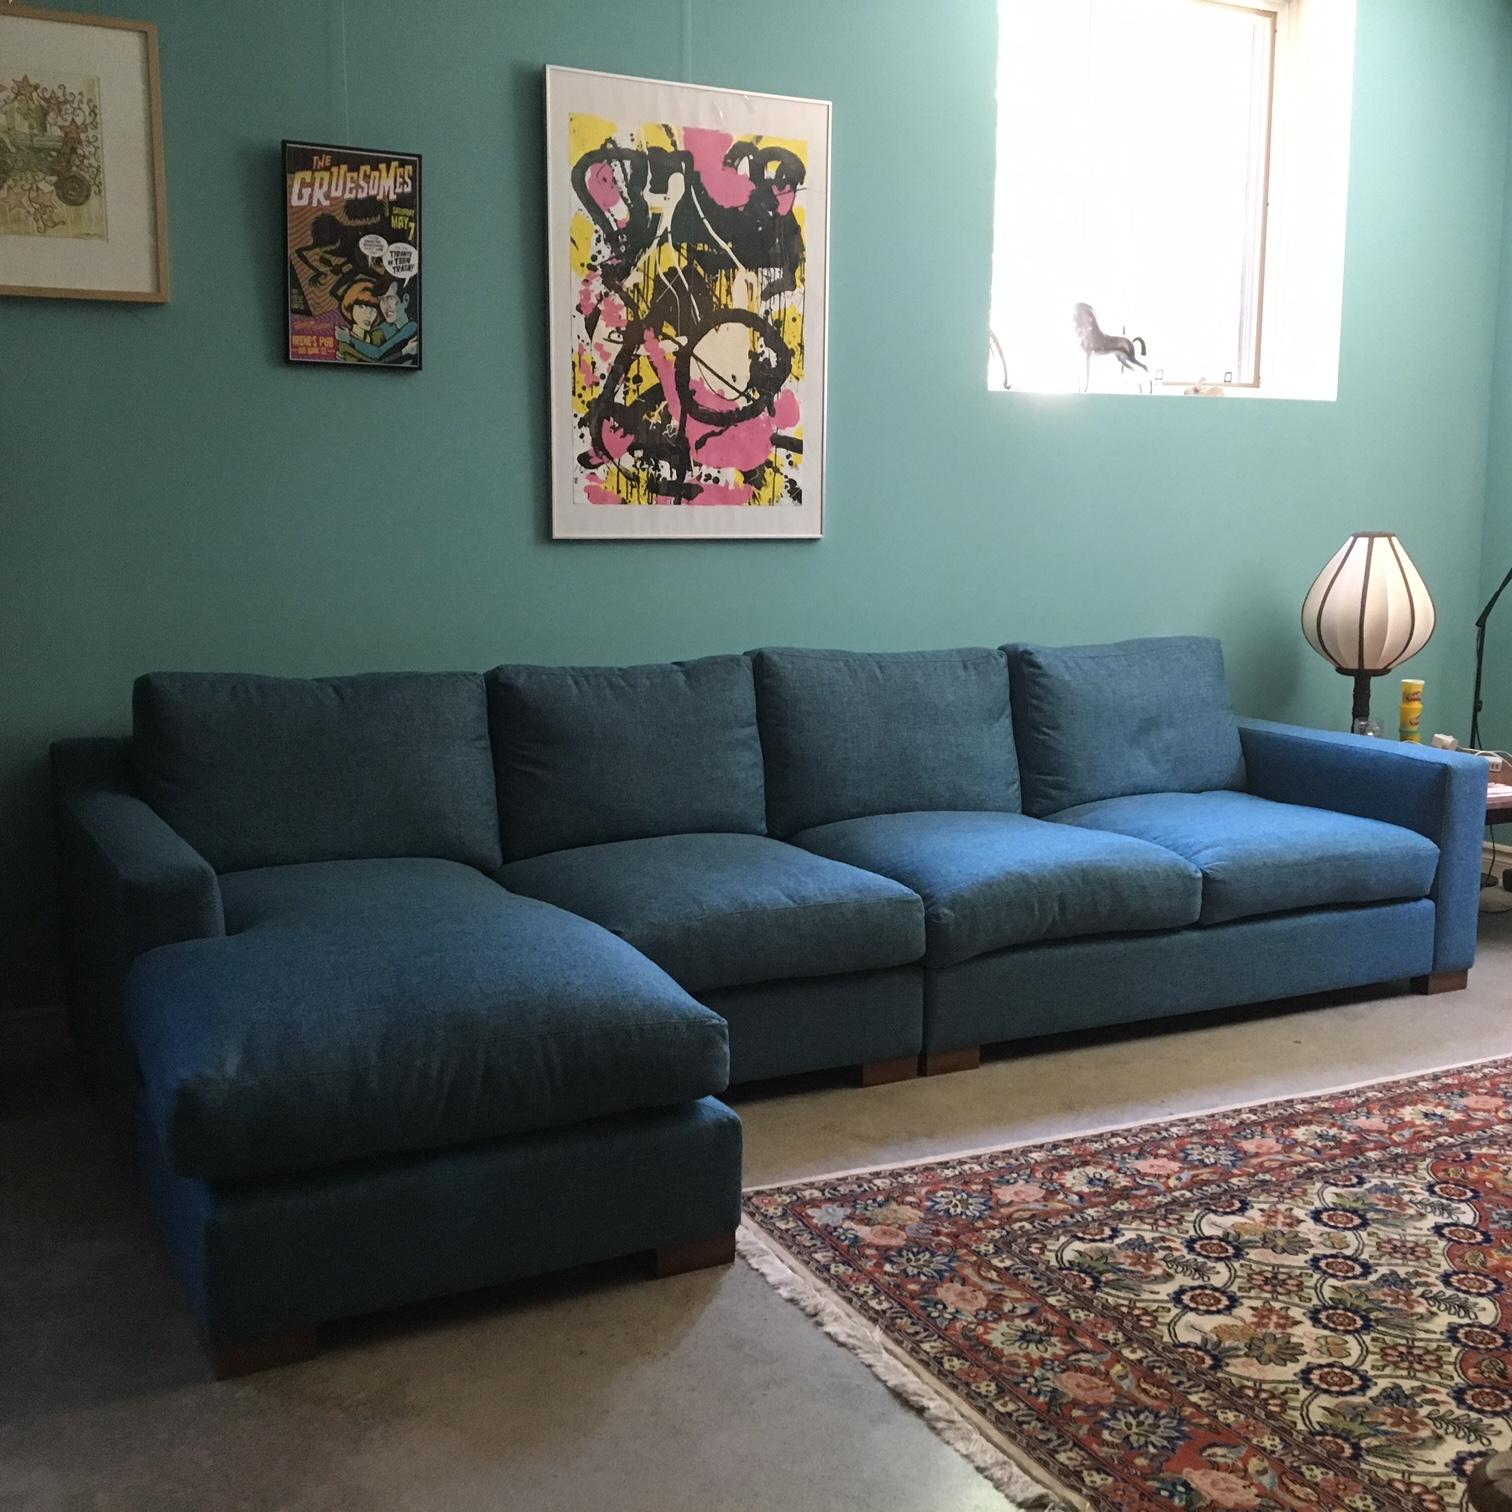 Dublin modulaire mikaza meubles modernes montreal modern furniture ottawa - Meubles exterieurs montreal ...